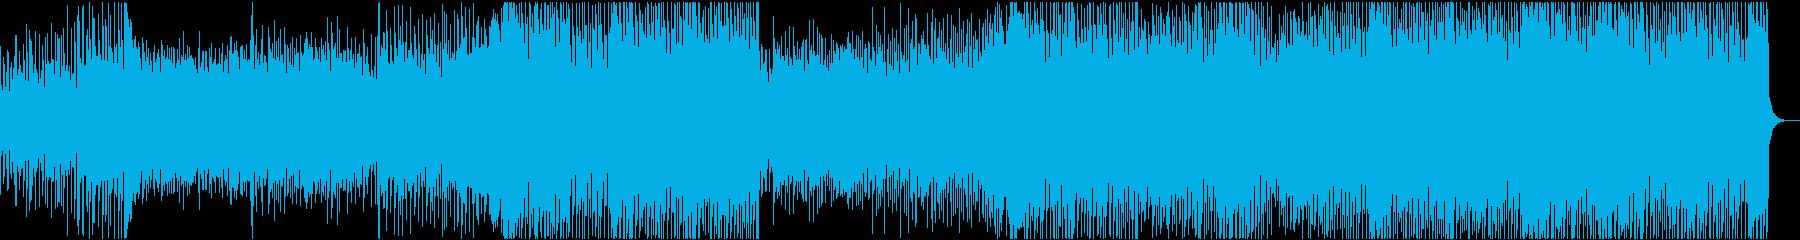 疾走感、アップテンポ、シンセ、4つ打ちの再生済みの波形